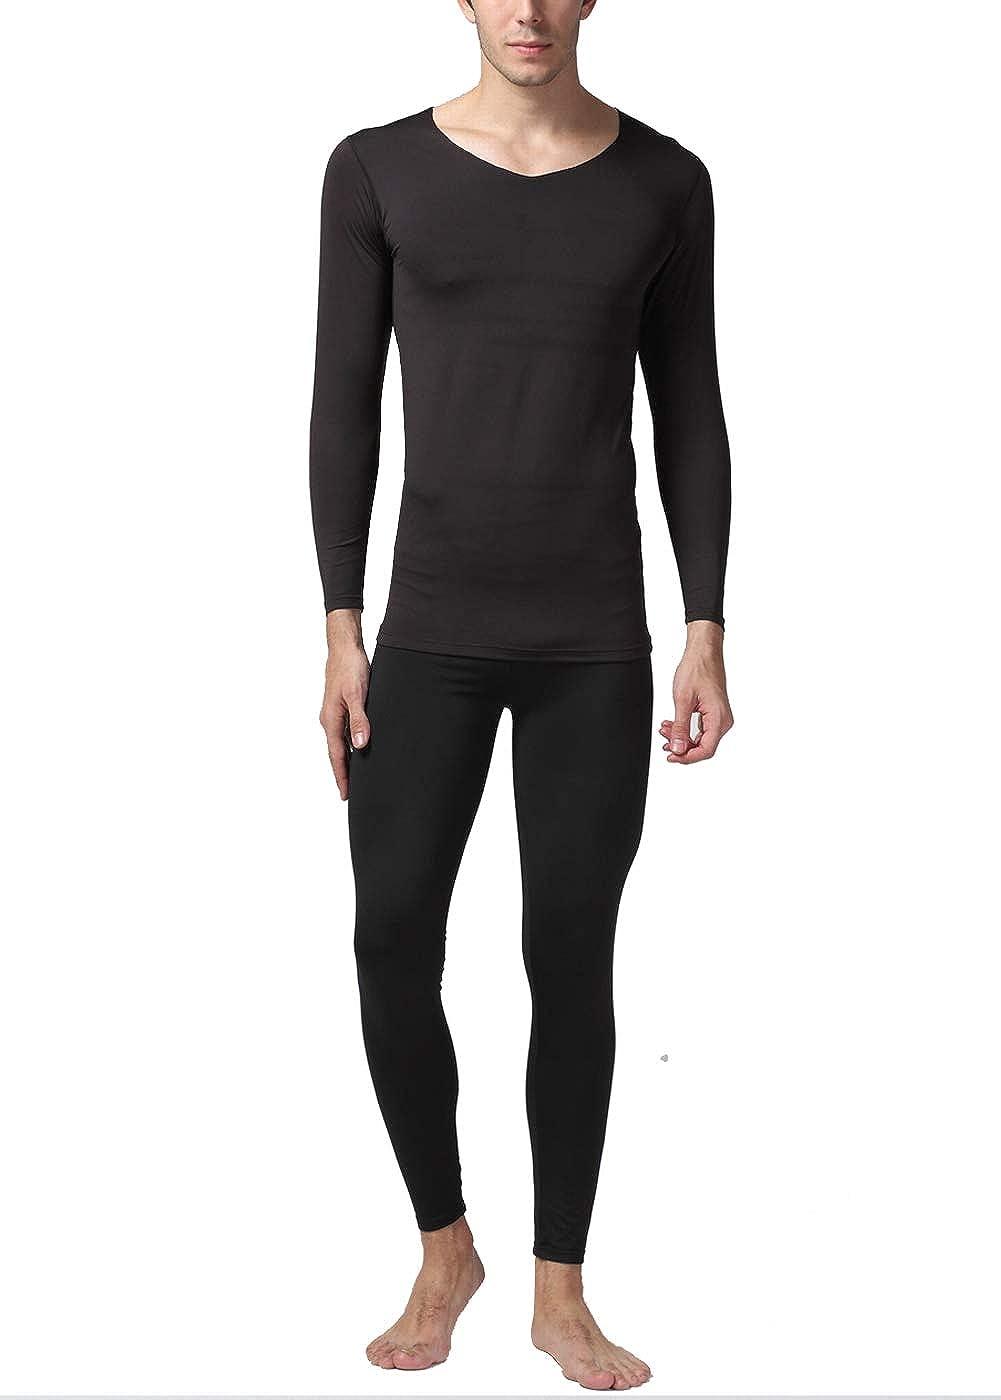 Intimo Termico Maschile Set Contiene Vestiti e Pantaloni Set di Biancheria Intima da Uomo Scollo a V Senza Cuciture